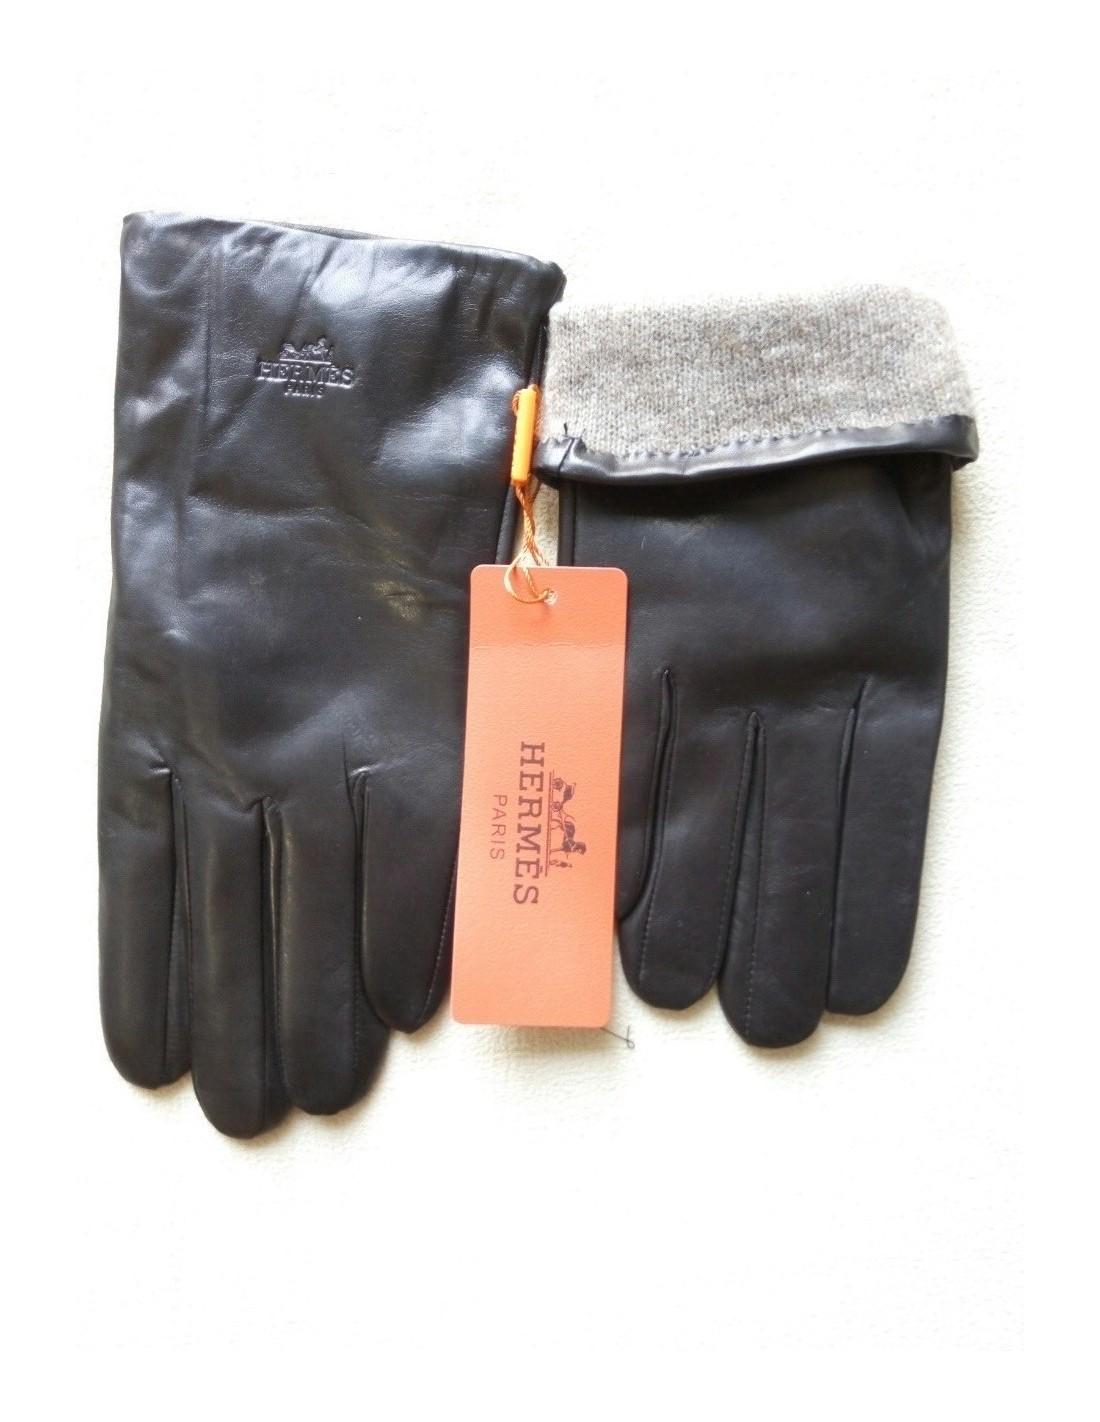 перчатка стекольщика с крагой